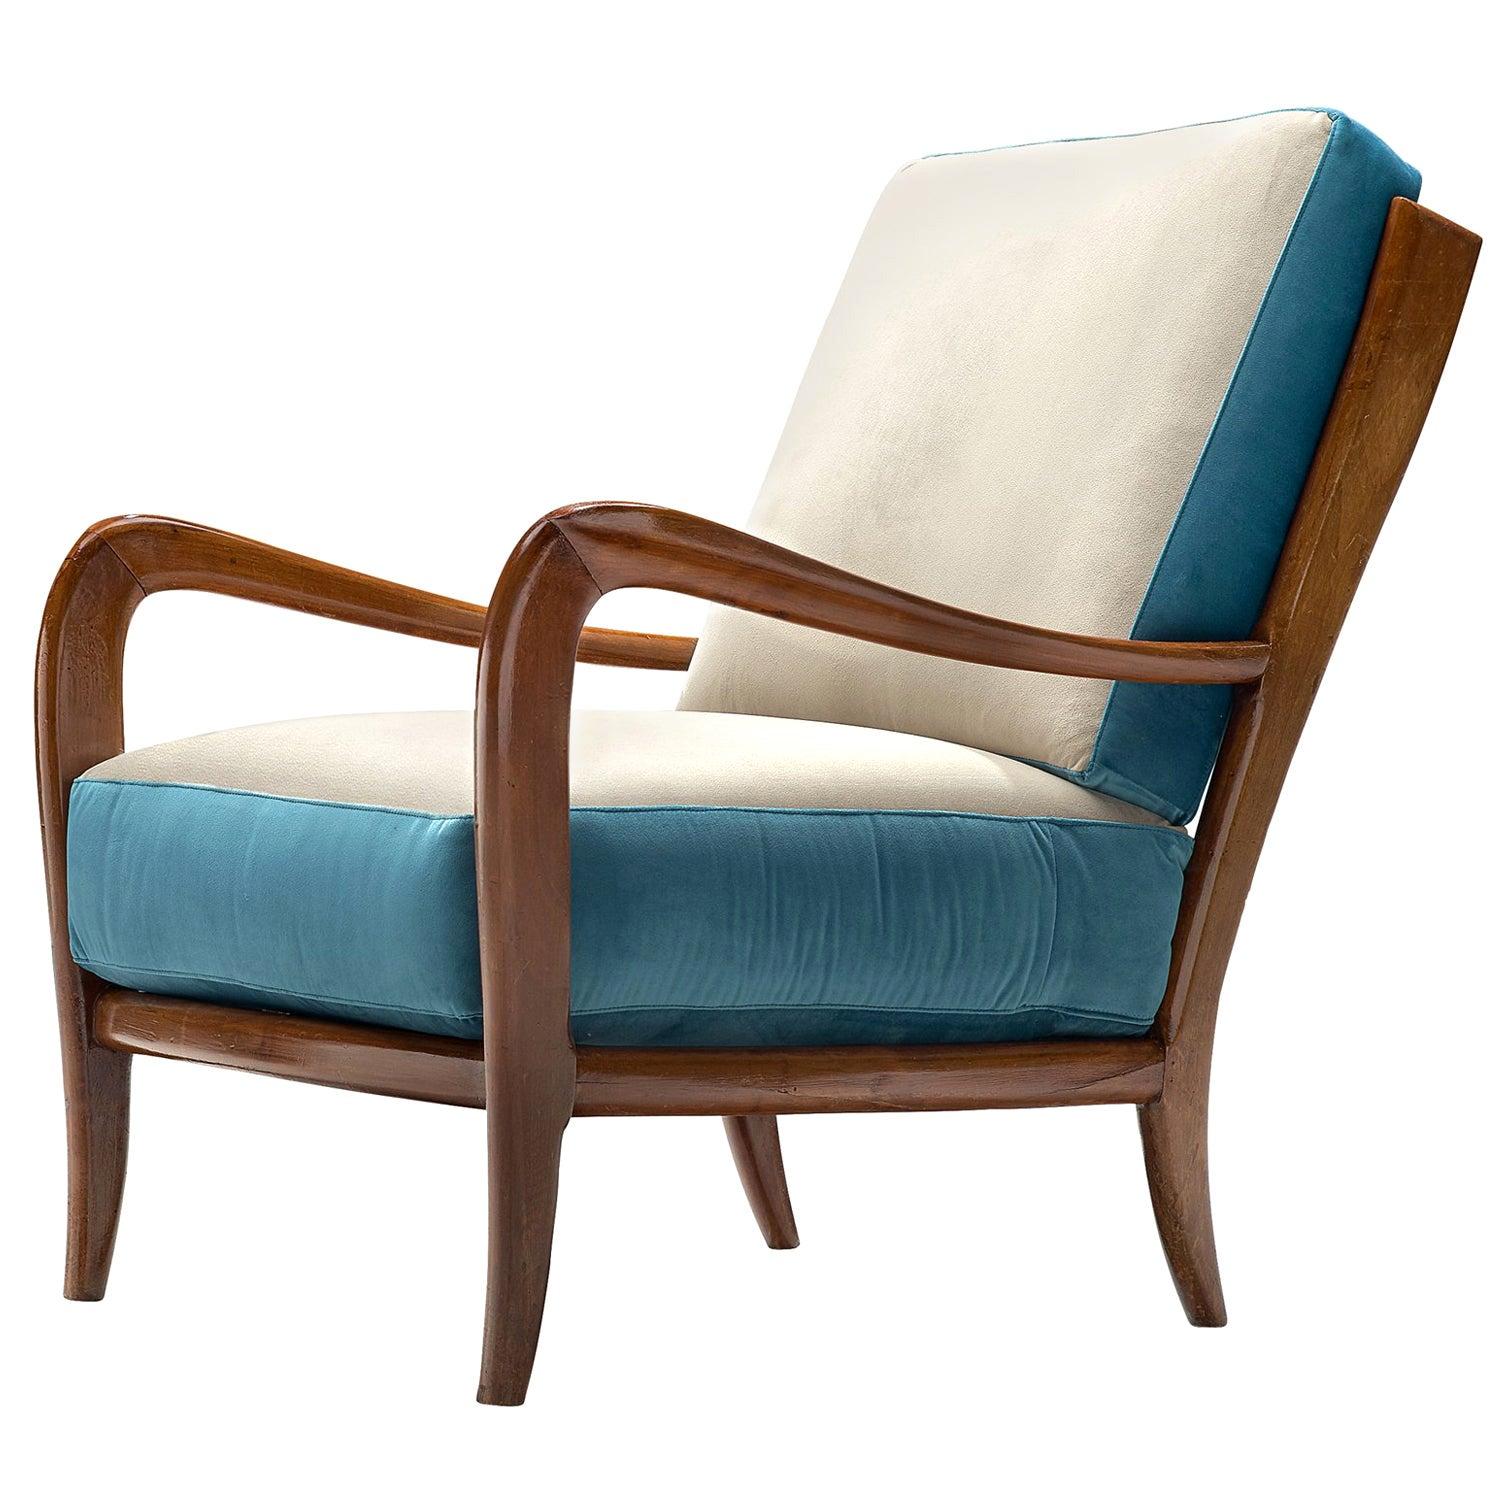 Italian Armchair in Walnut, 1960s